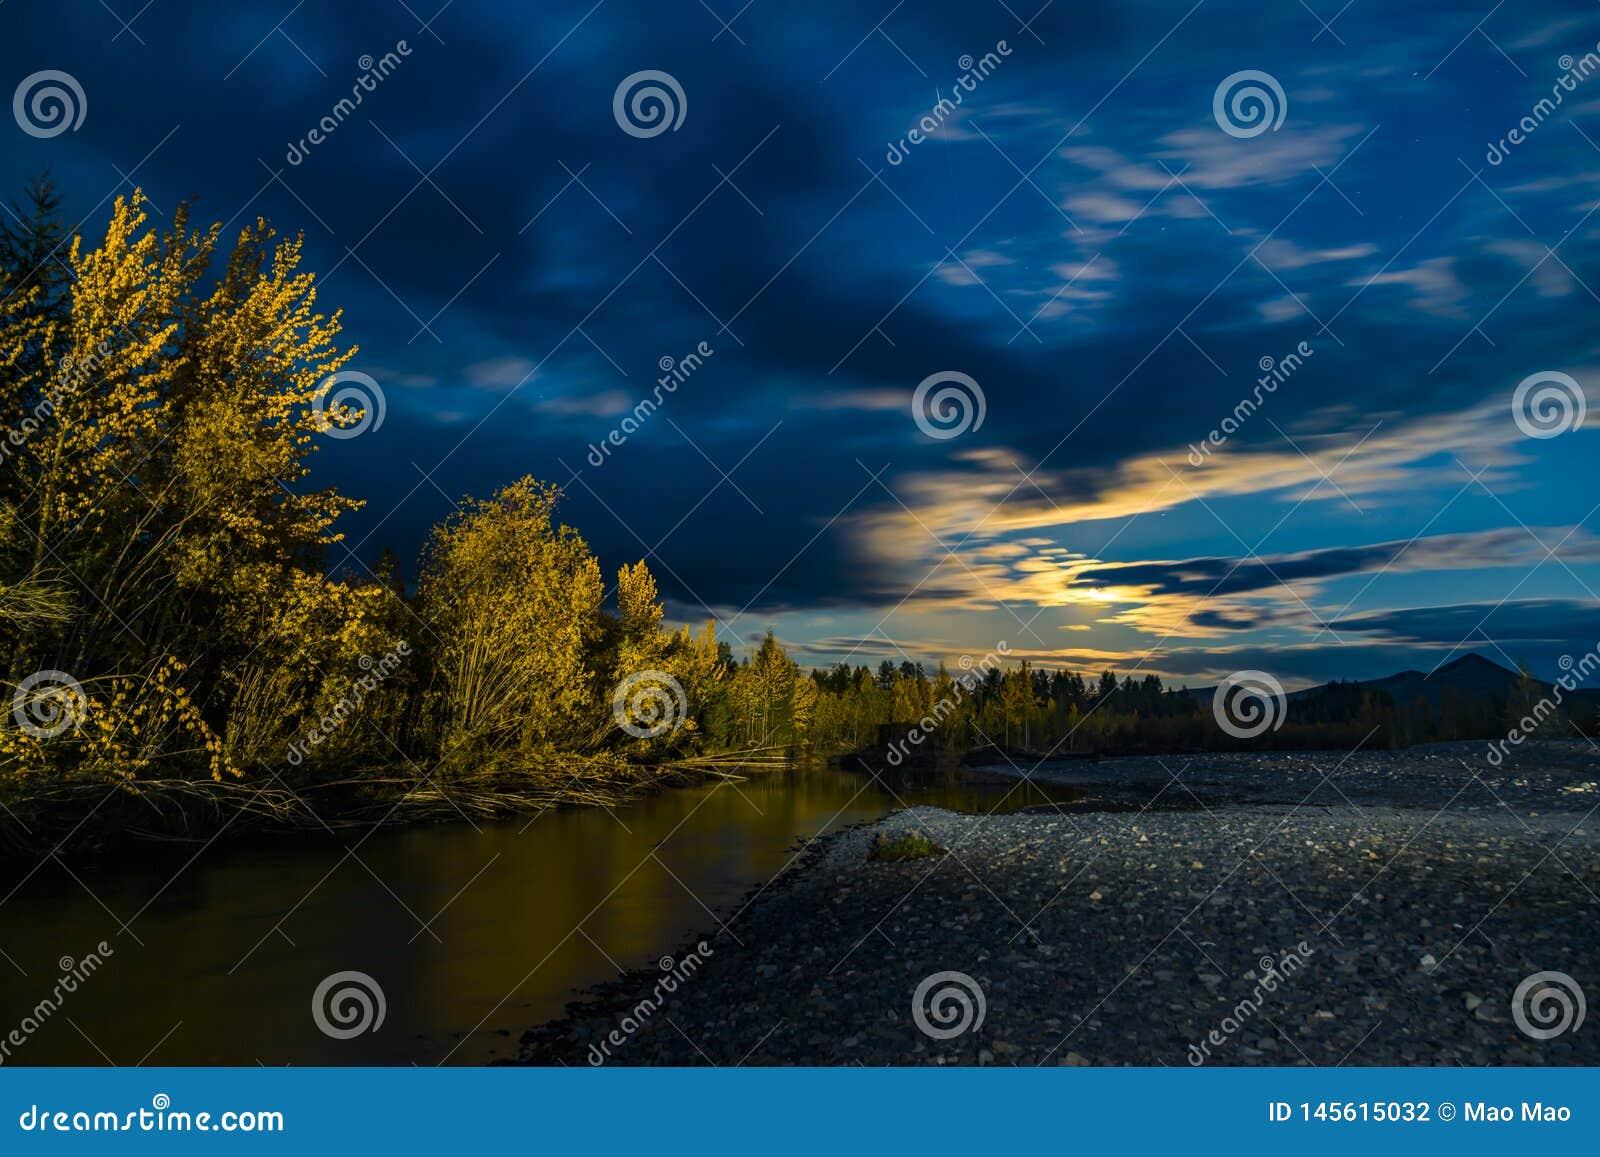 Belle vue panoramique sur le lac et la for?t la nuit